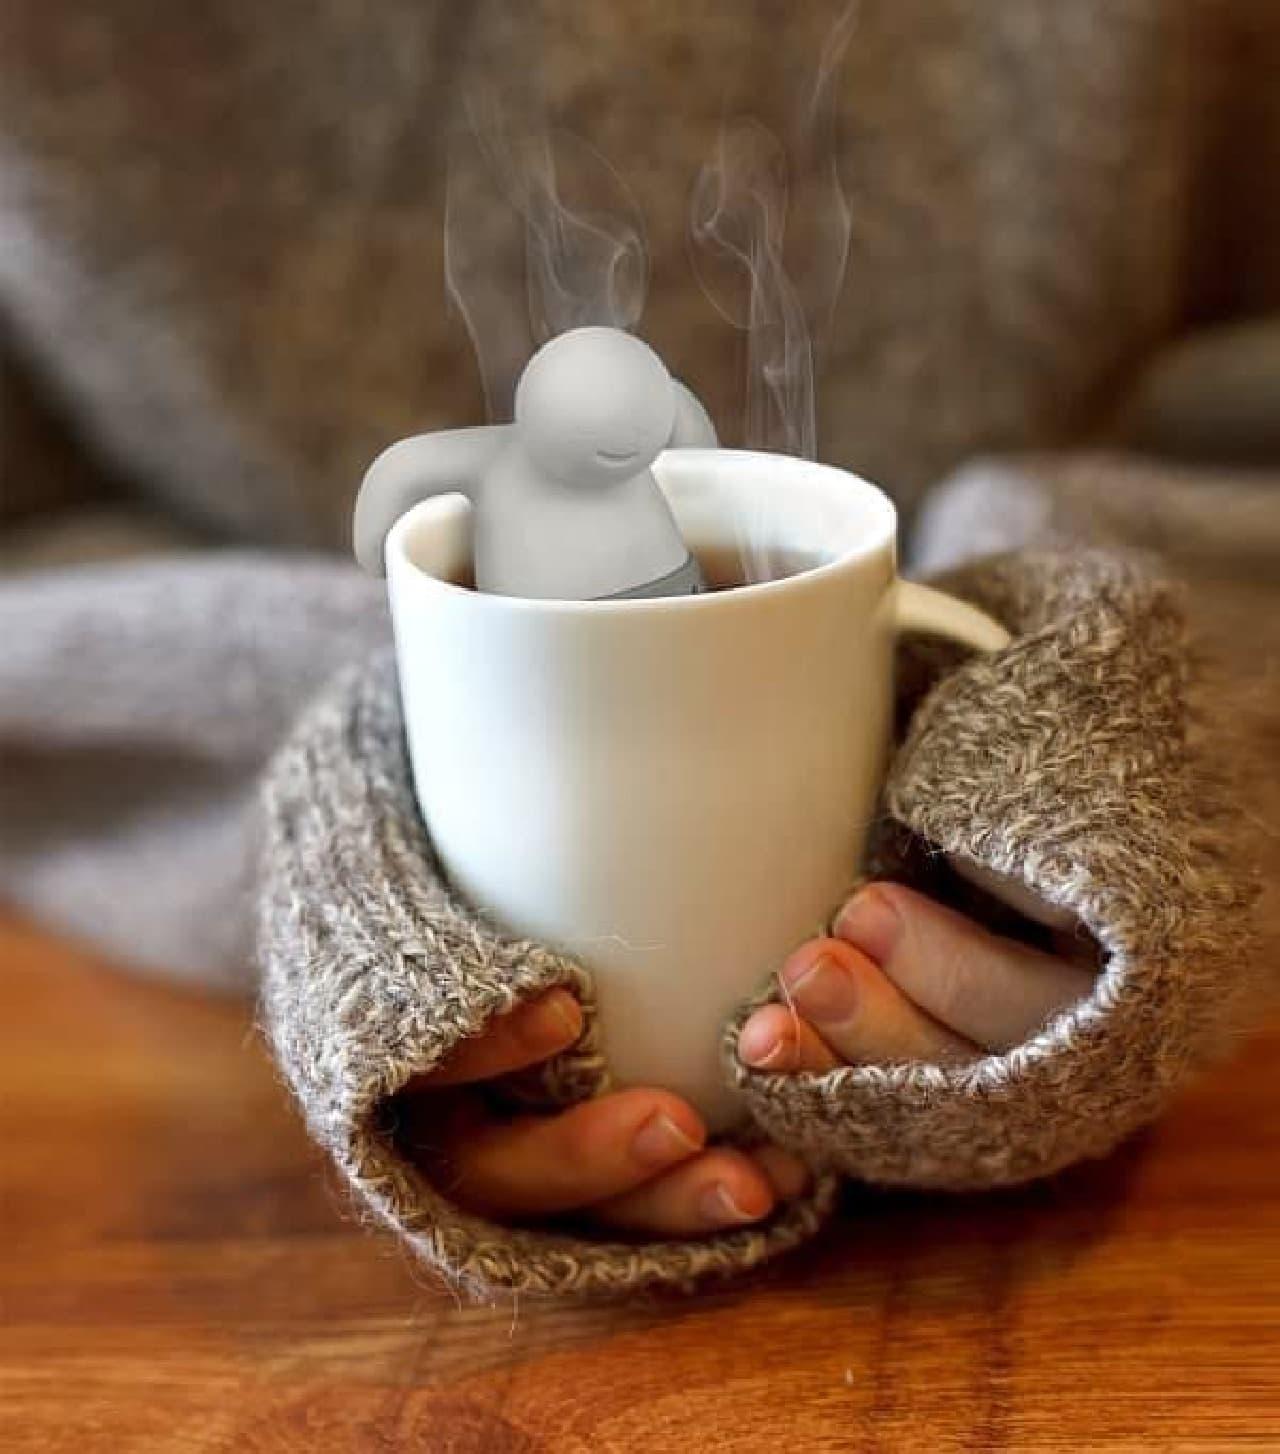 「Mister Tea Infuser」  なんだか、ほっこり